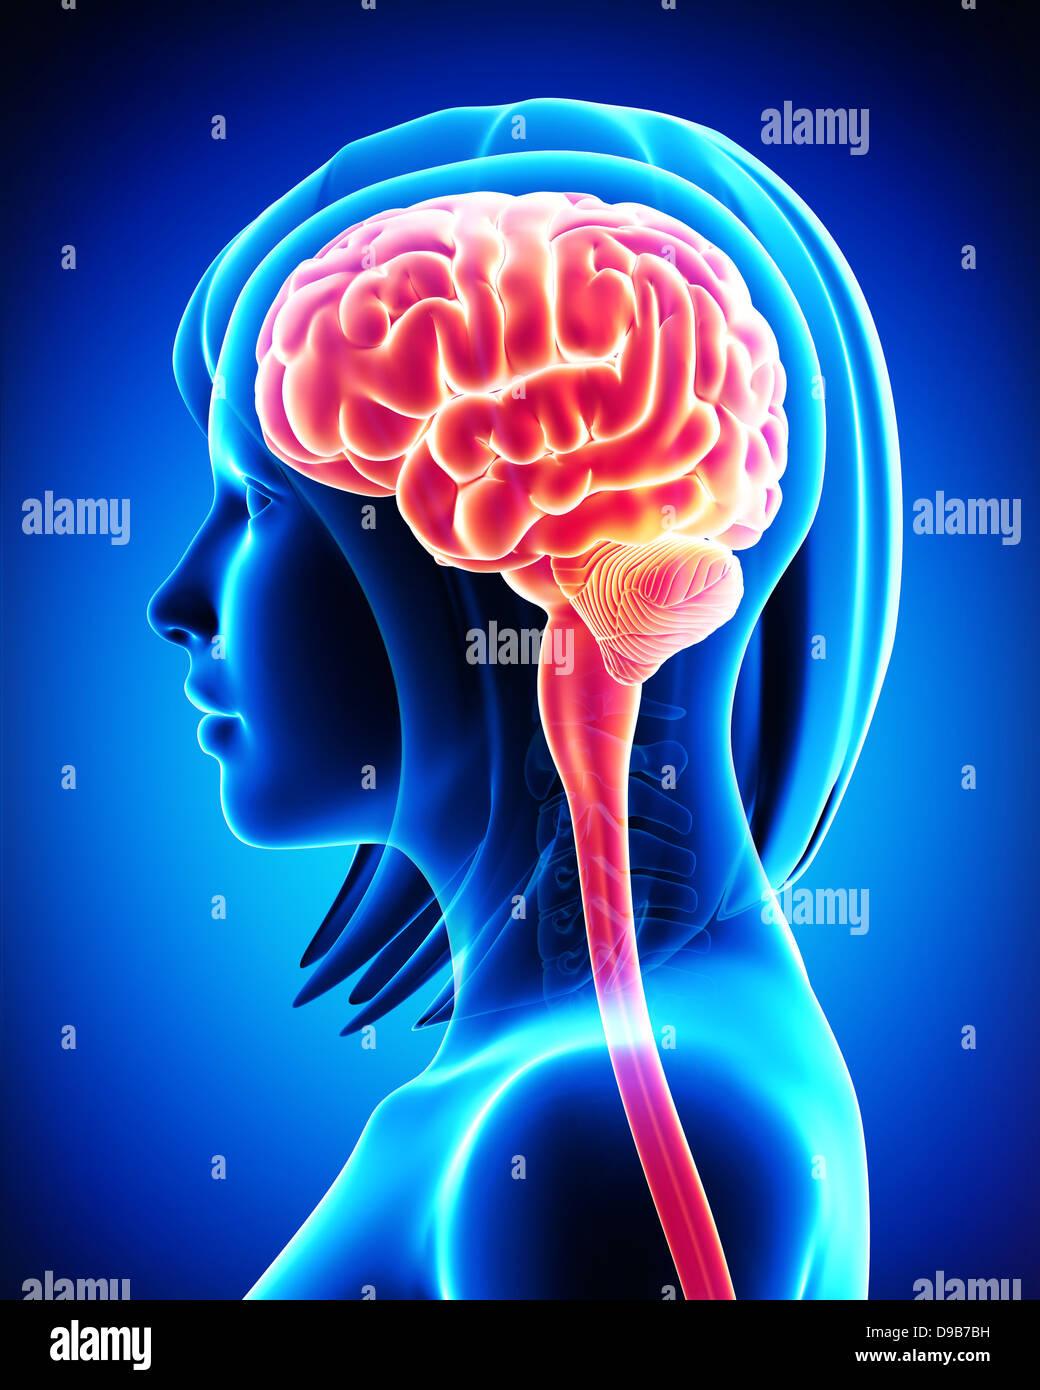 Anatomie des weiblichen Gehirns Querschnitt von außerhalb Stockfoto ...